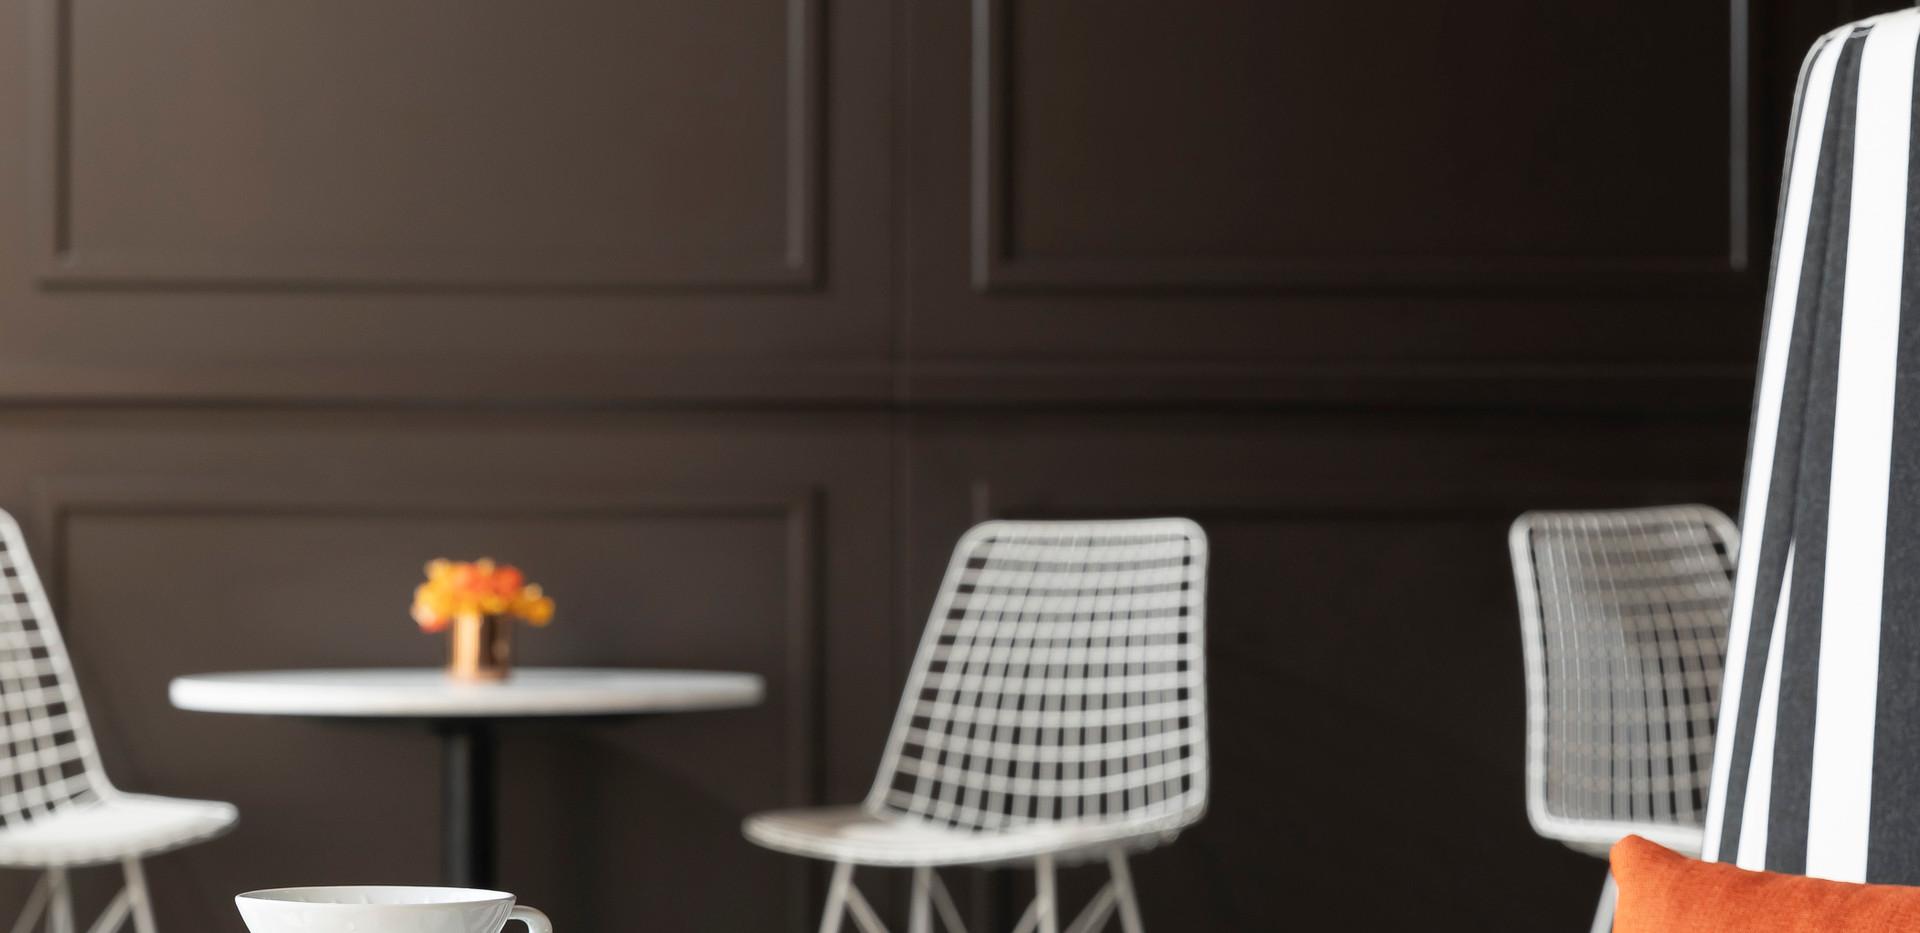 Chocolate & Coffee House - 01.jpg